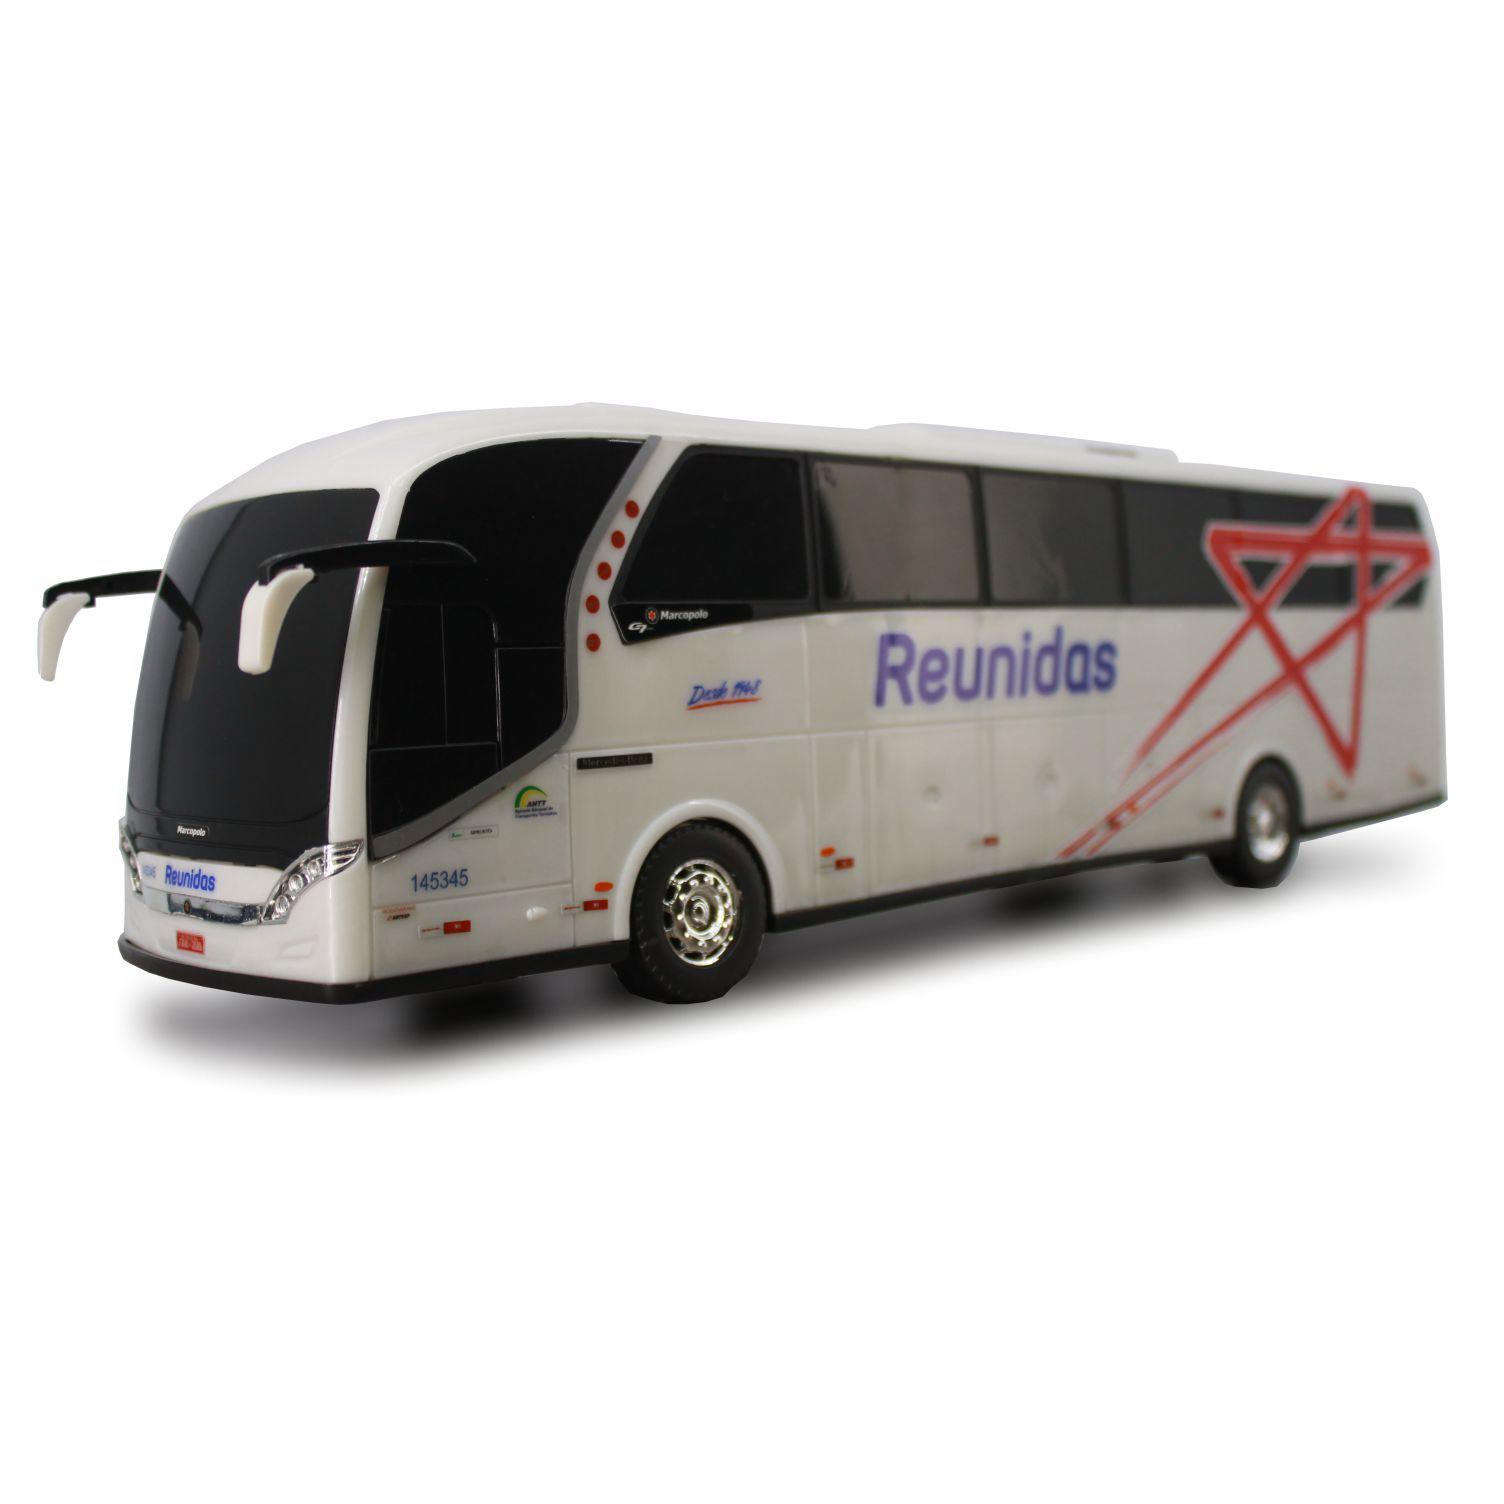 Ônibus Em Miniatura De Brinquedo Reunidas Paulista